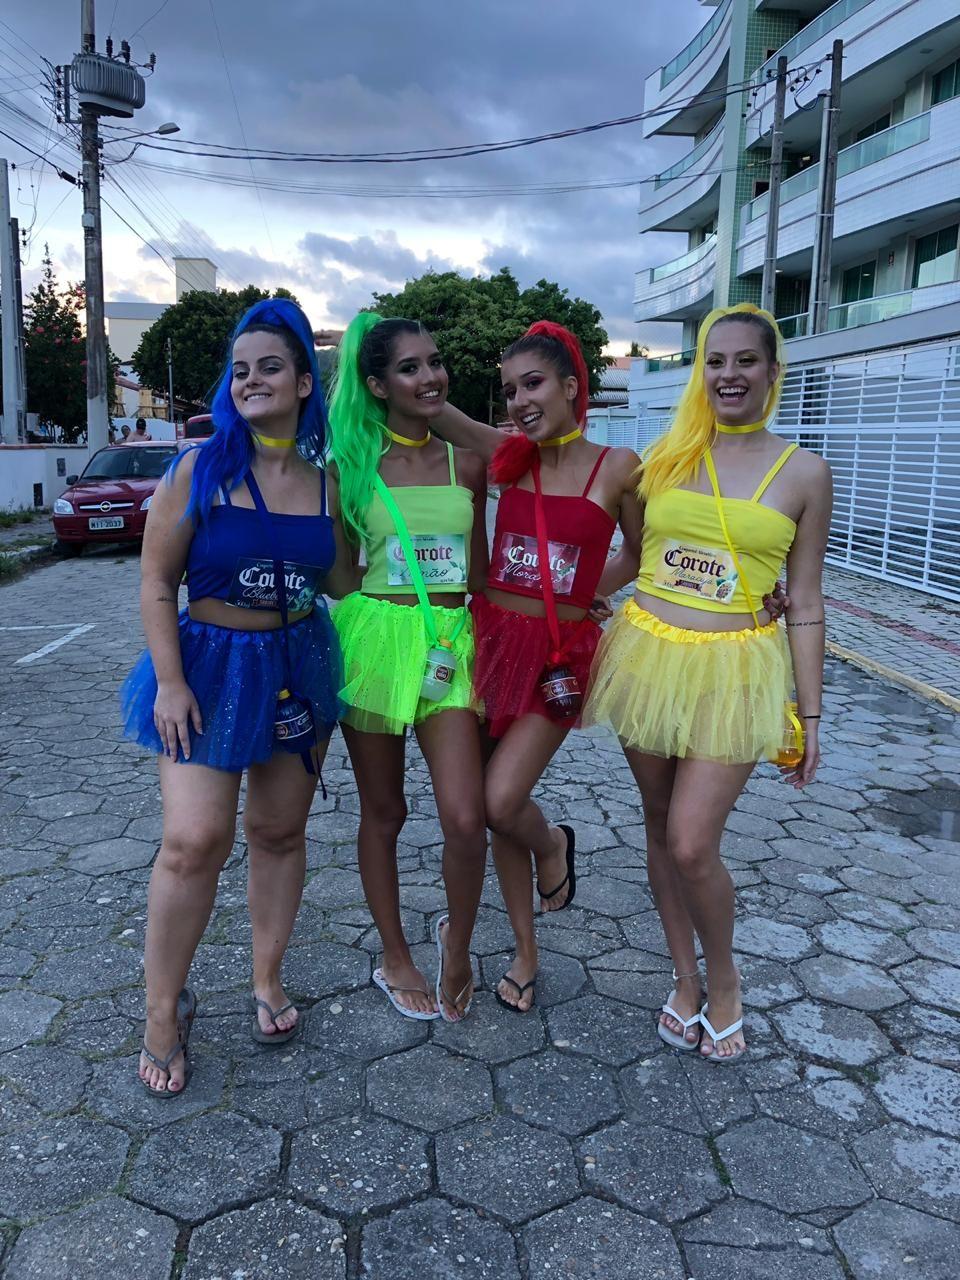 #fantasia #carnaval #amigas #corote #colorida # ...